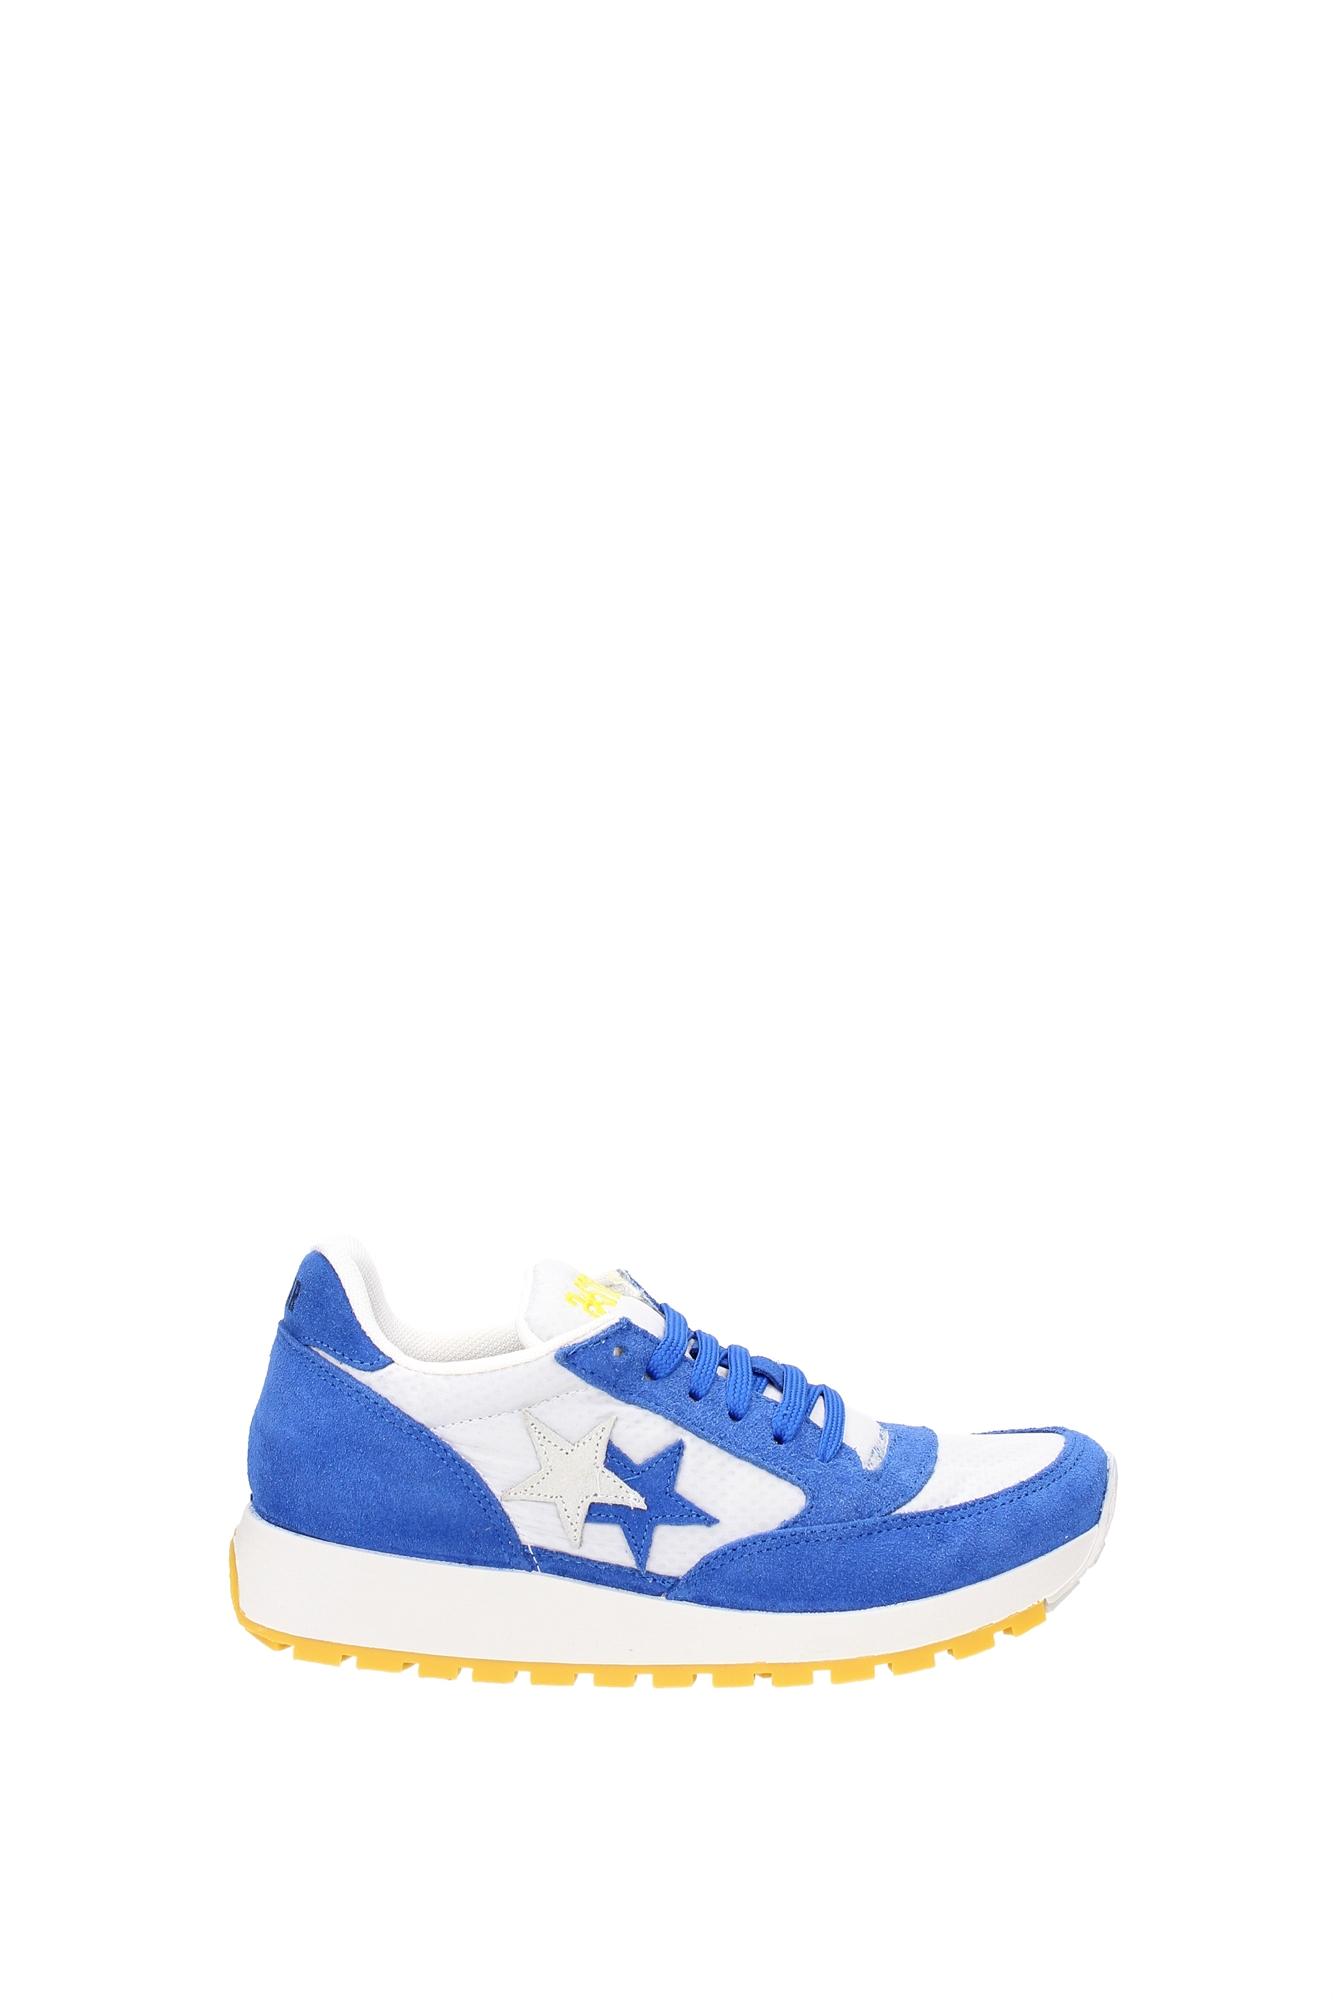 Sneakers 2star Damenschuhe - Camoscio Camoscio Camoscio (2SD1143GHIACCIOAZZURRO) 241028